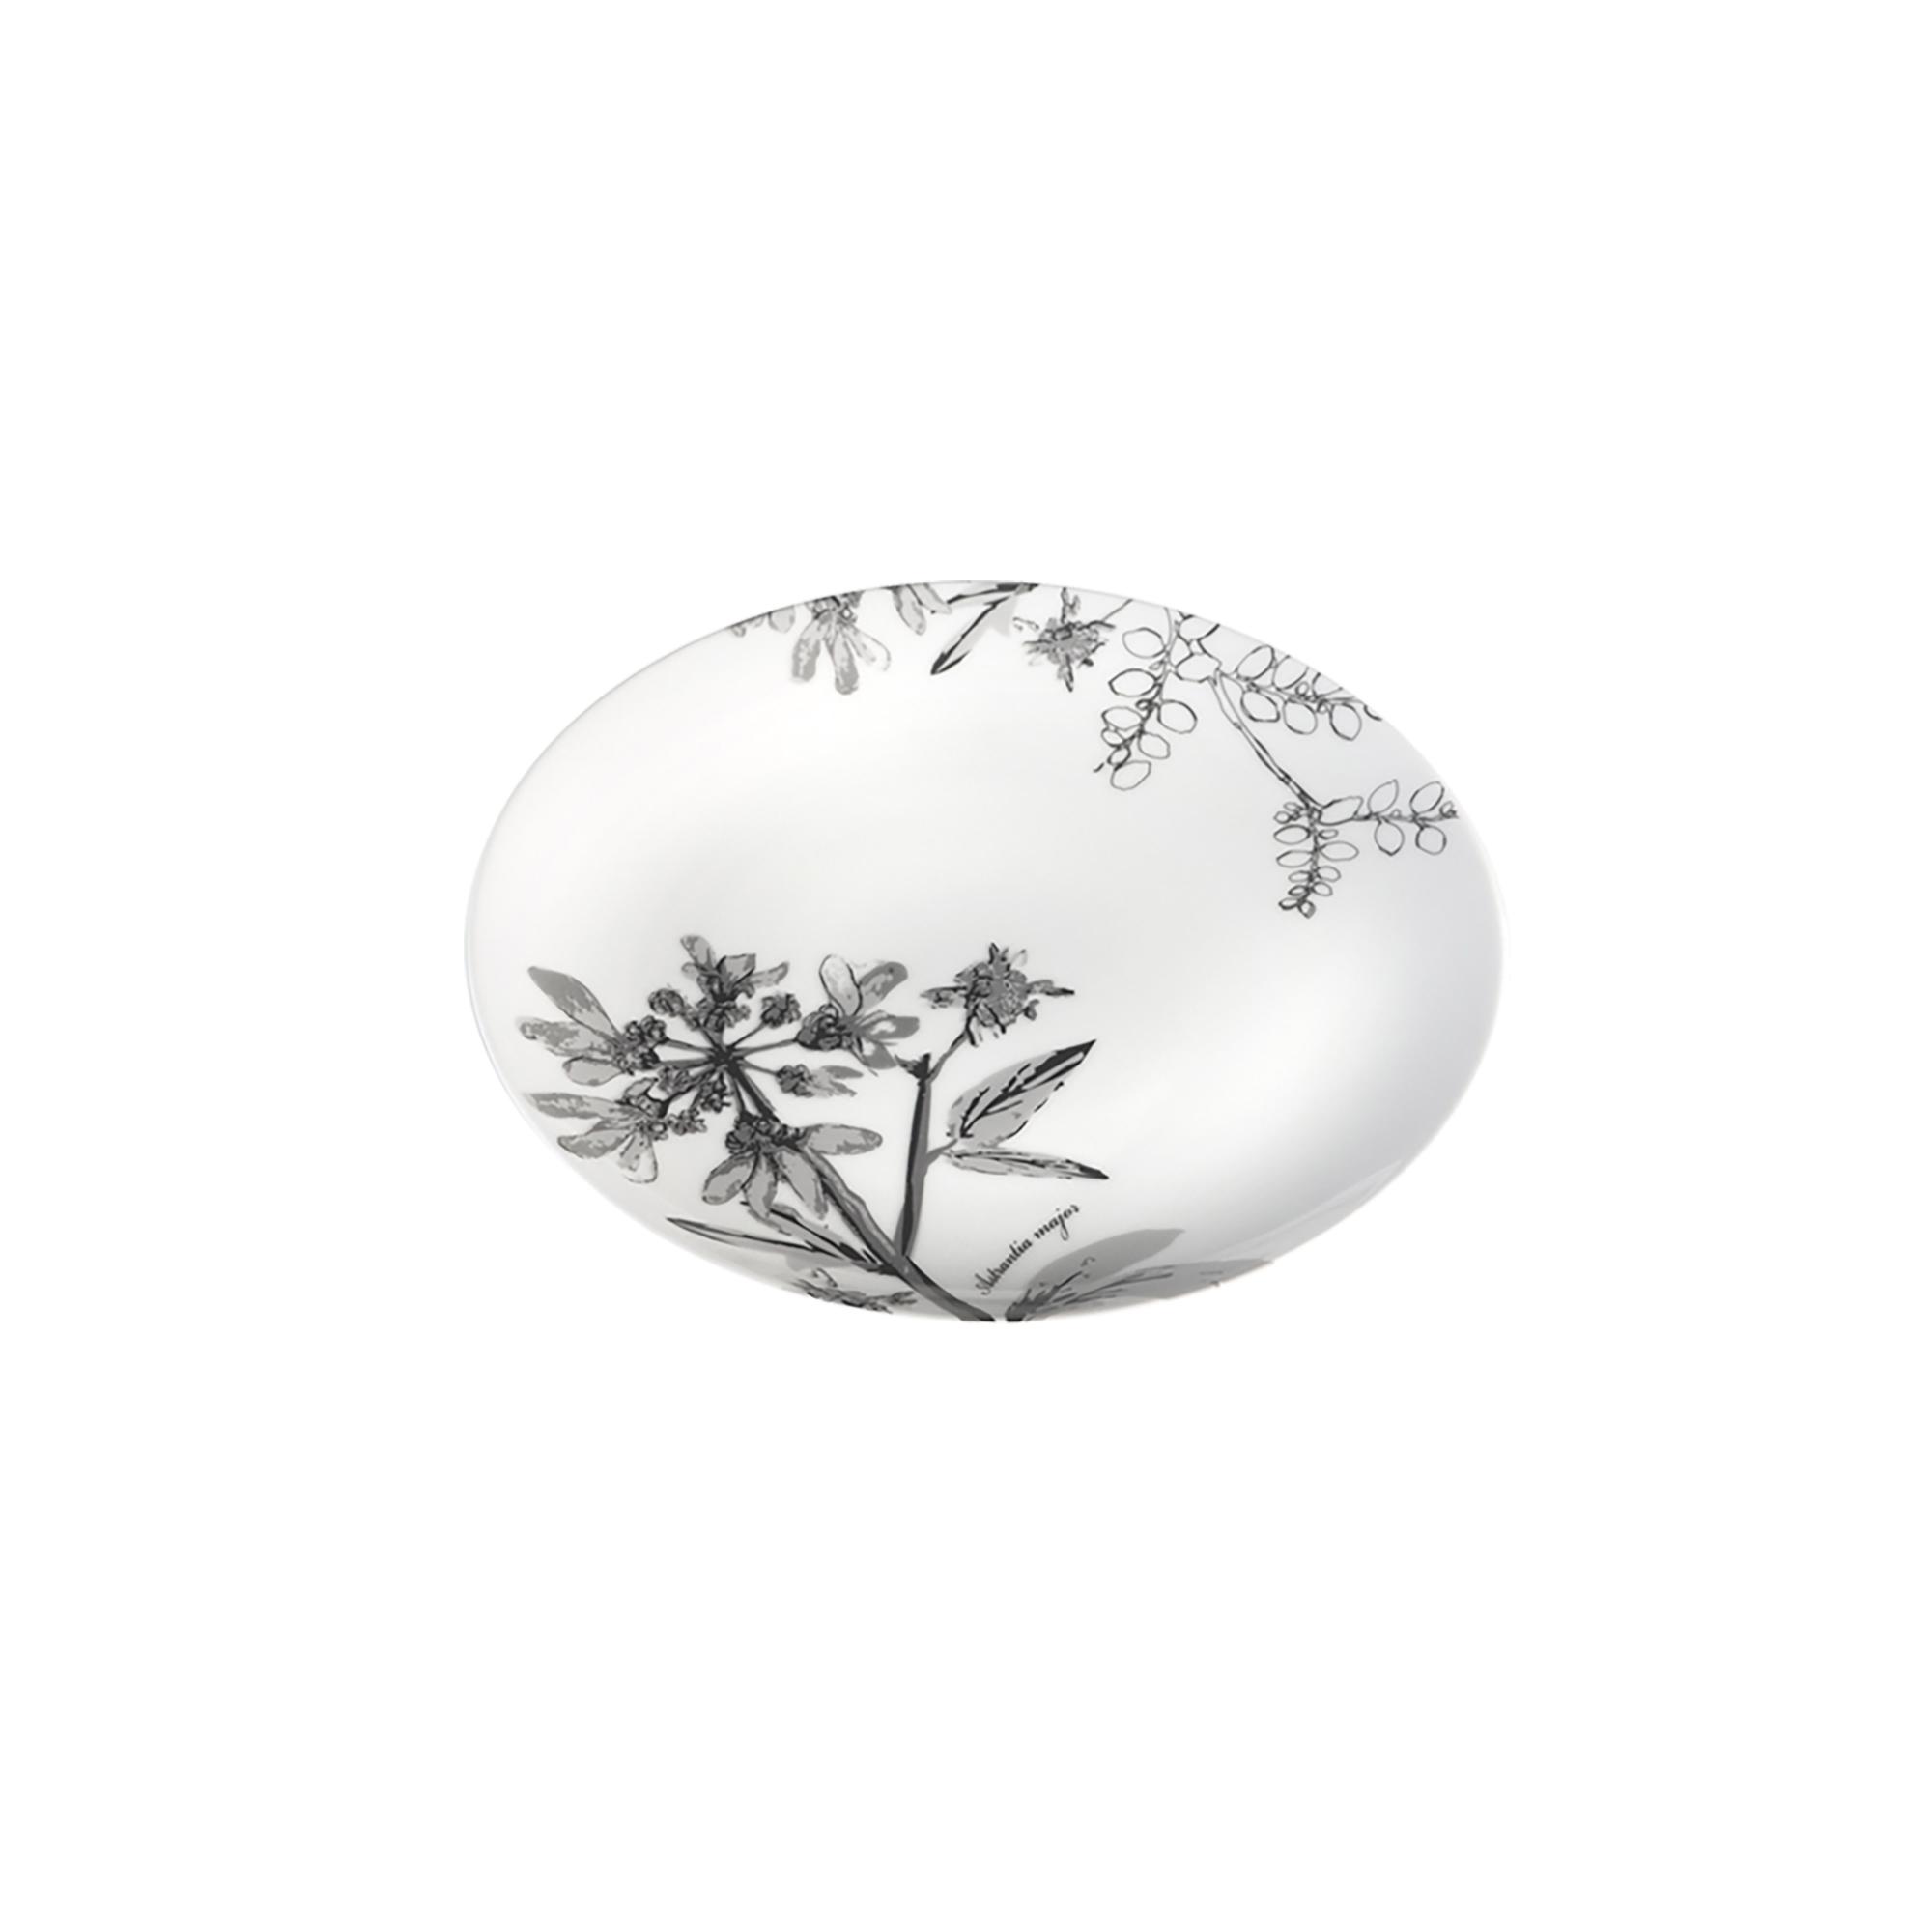 Assiette dessert en porcelaine décorée gris 21 cm - Lot de 6